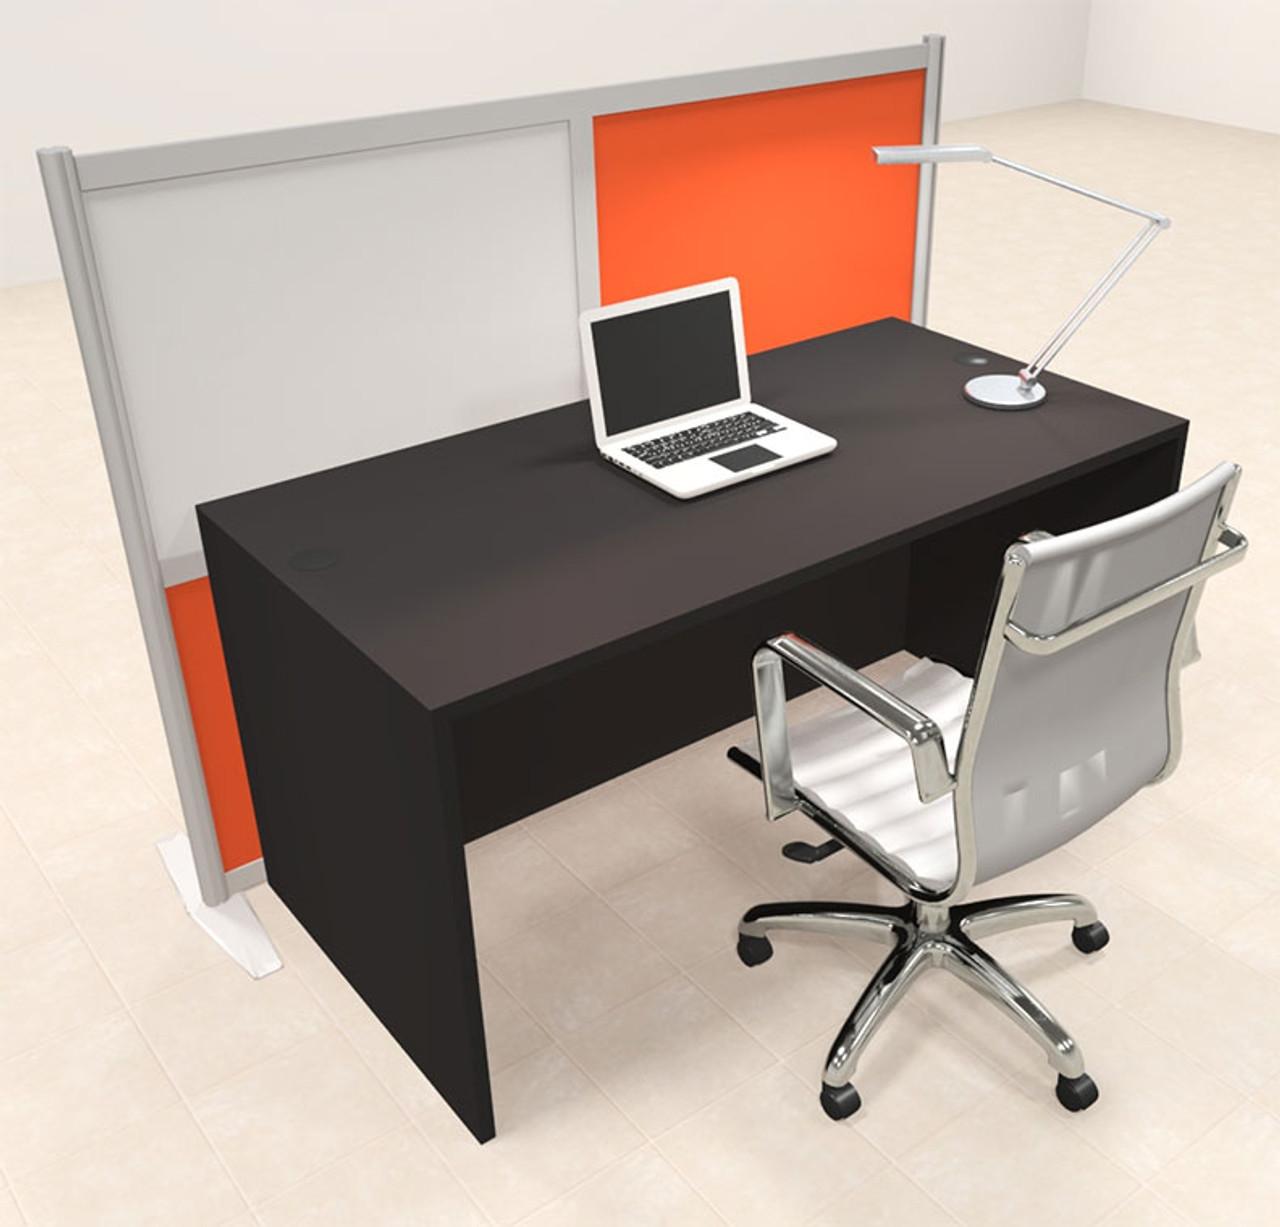 One Person Workstation w/Acrylic Aluminum Privacy Panel, #OT-SUL-HPO100